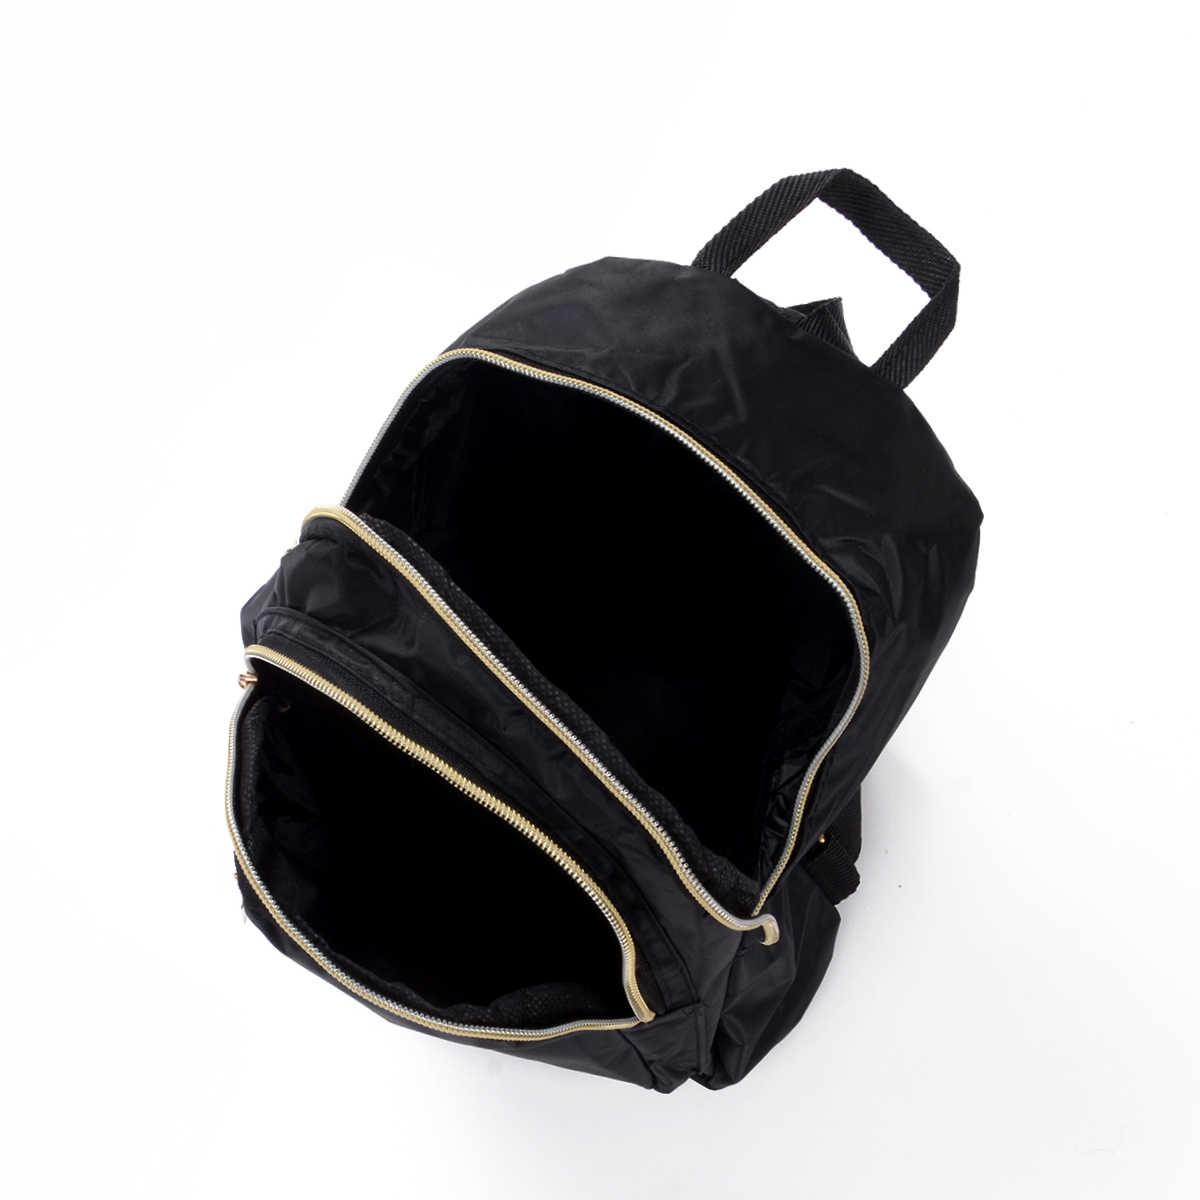 Lokalen Lager Casual Oxford Rucksack Frauen Schwarz Wasserdicht Nylon Schule Taschen für Teenager Mädchen Hohe Qualität Reise Tote Rucksack